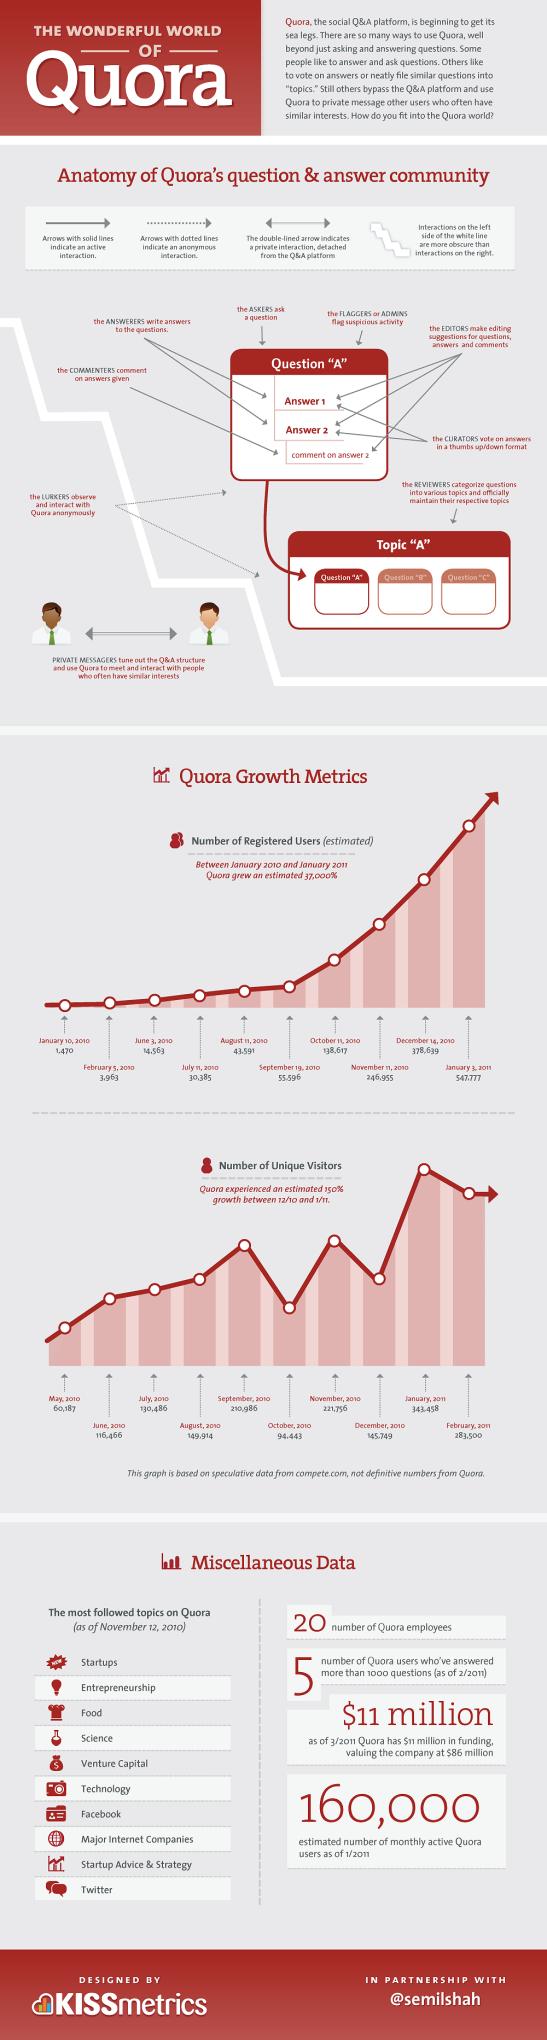 Nutzerverhalten von Quora